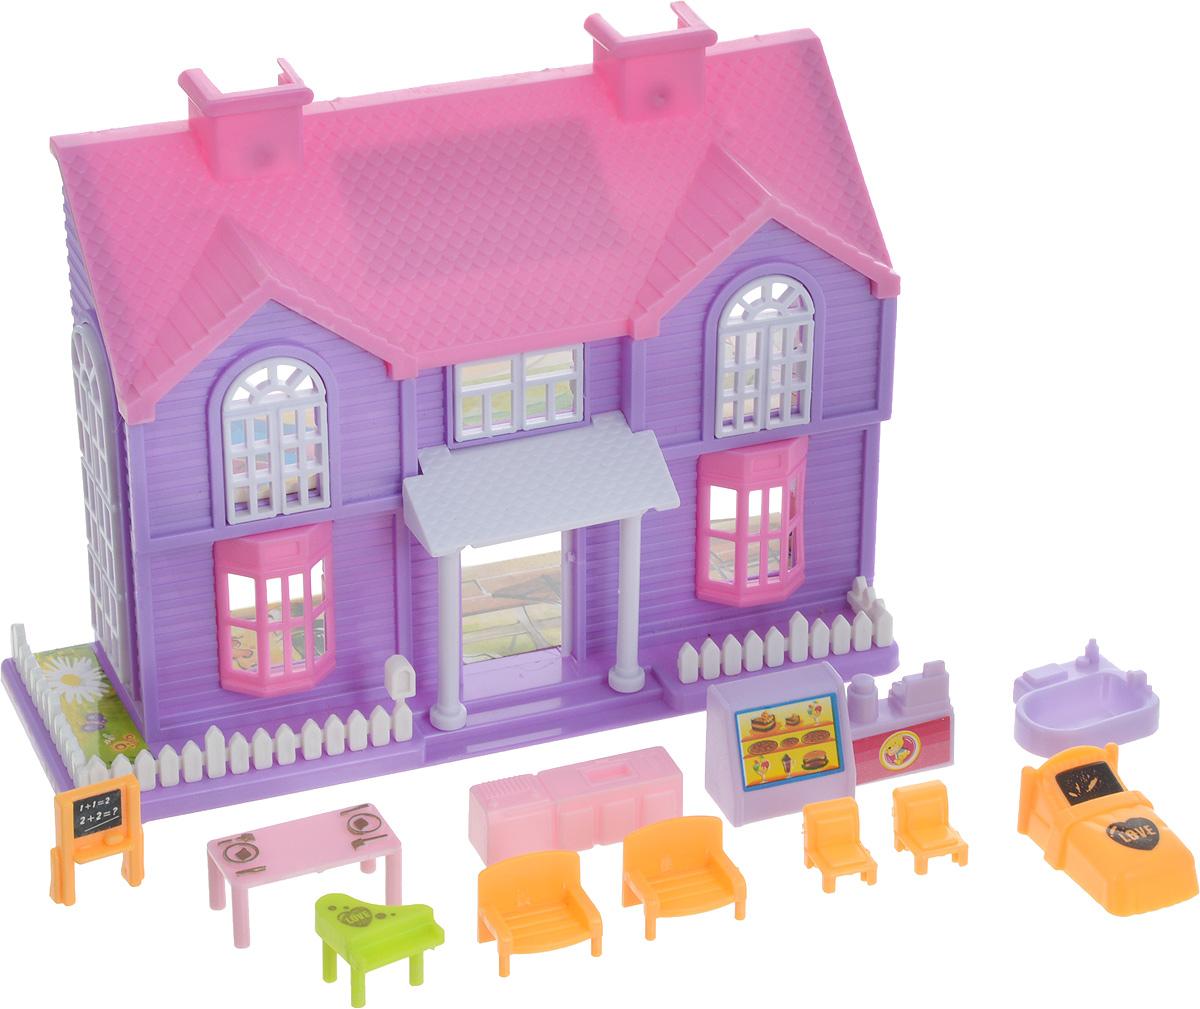 EstaBella Кукольный домик Солнечный городок улица Зеленая дом 2 с мебелью цвет сиреневый розовый пазл кукольный дом 102671